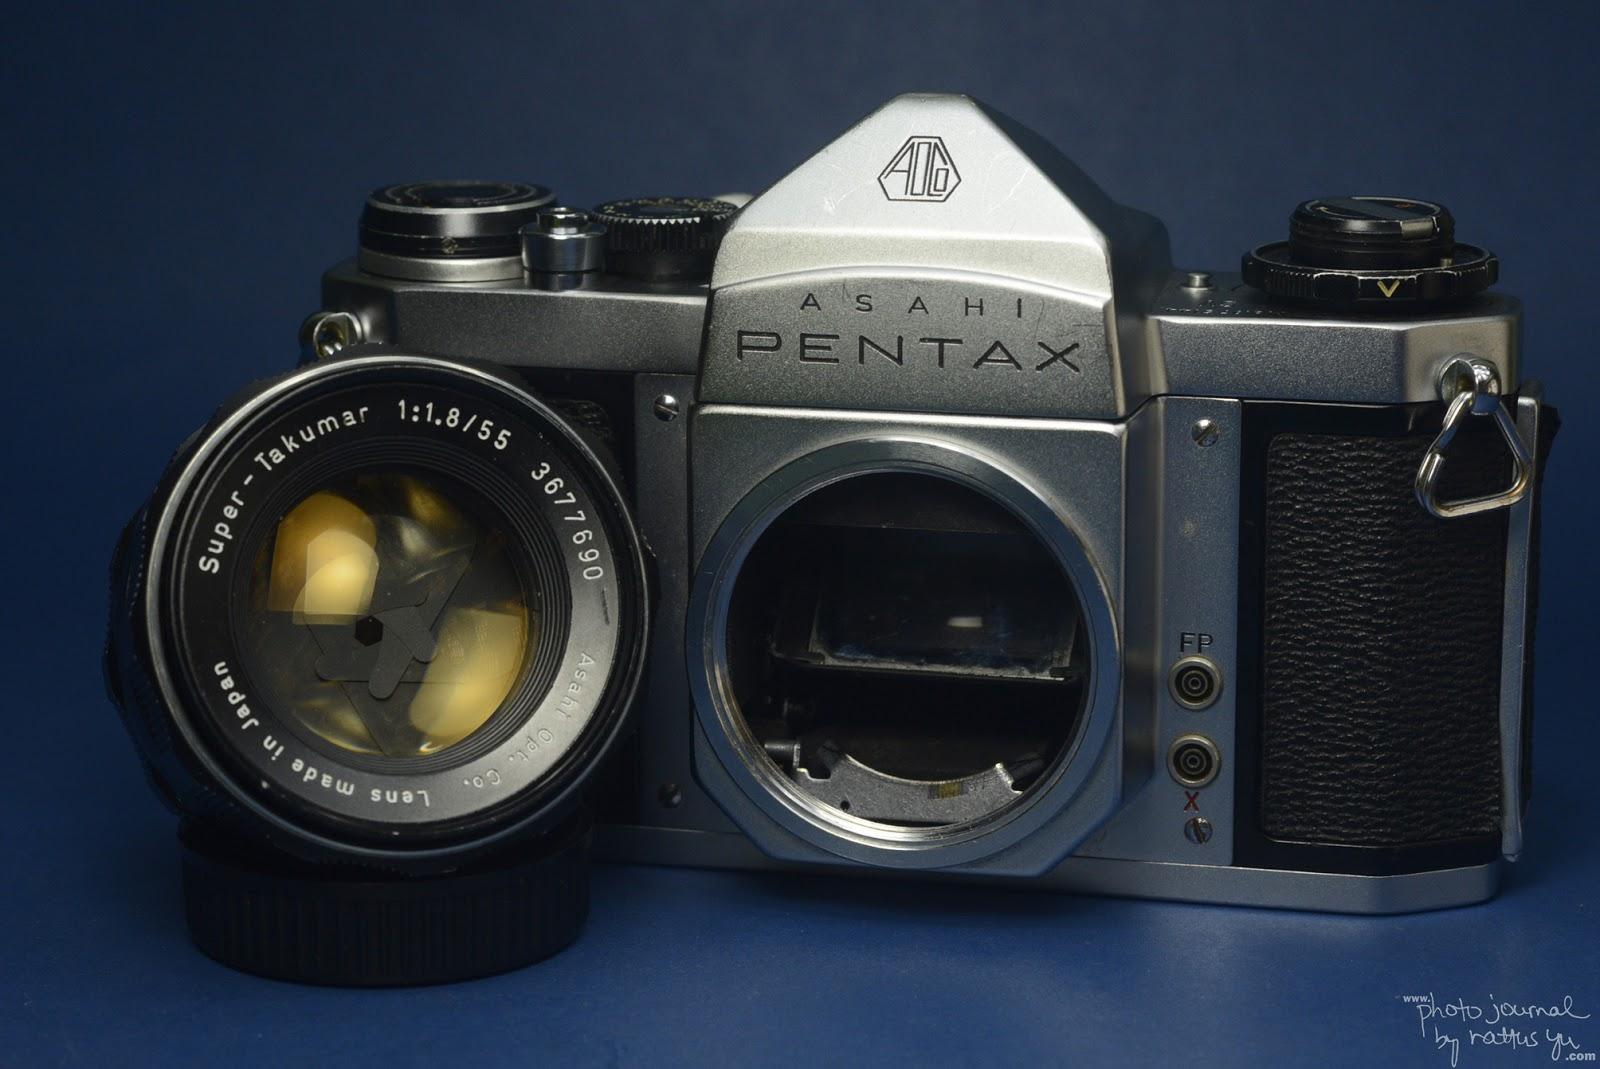 Asahi Pentax SV (1962 - 1968)